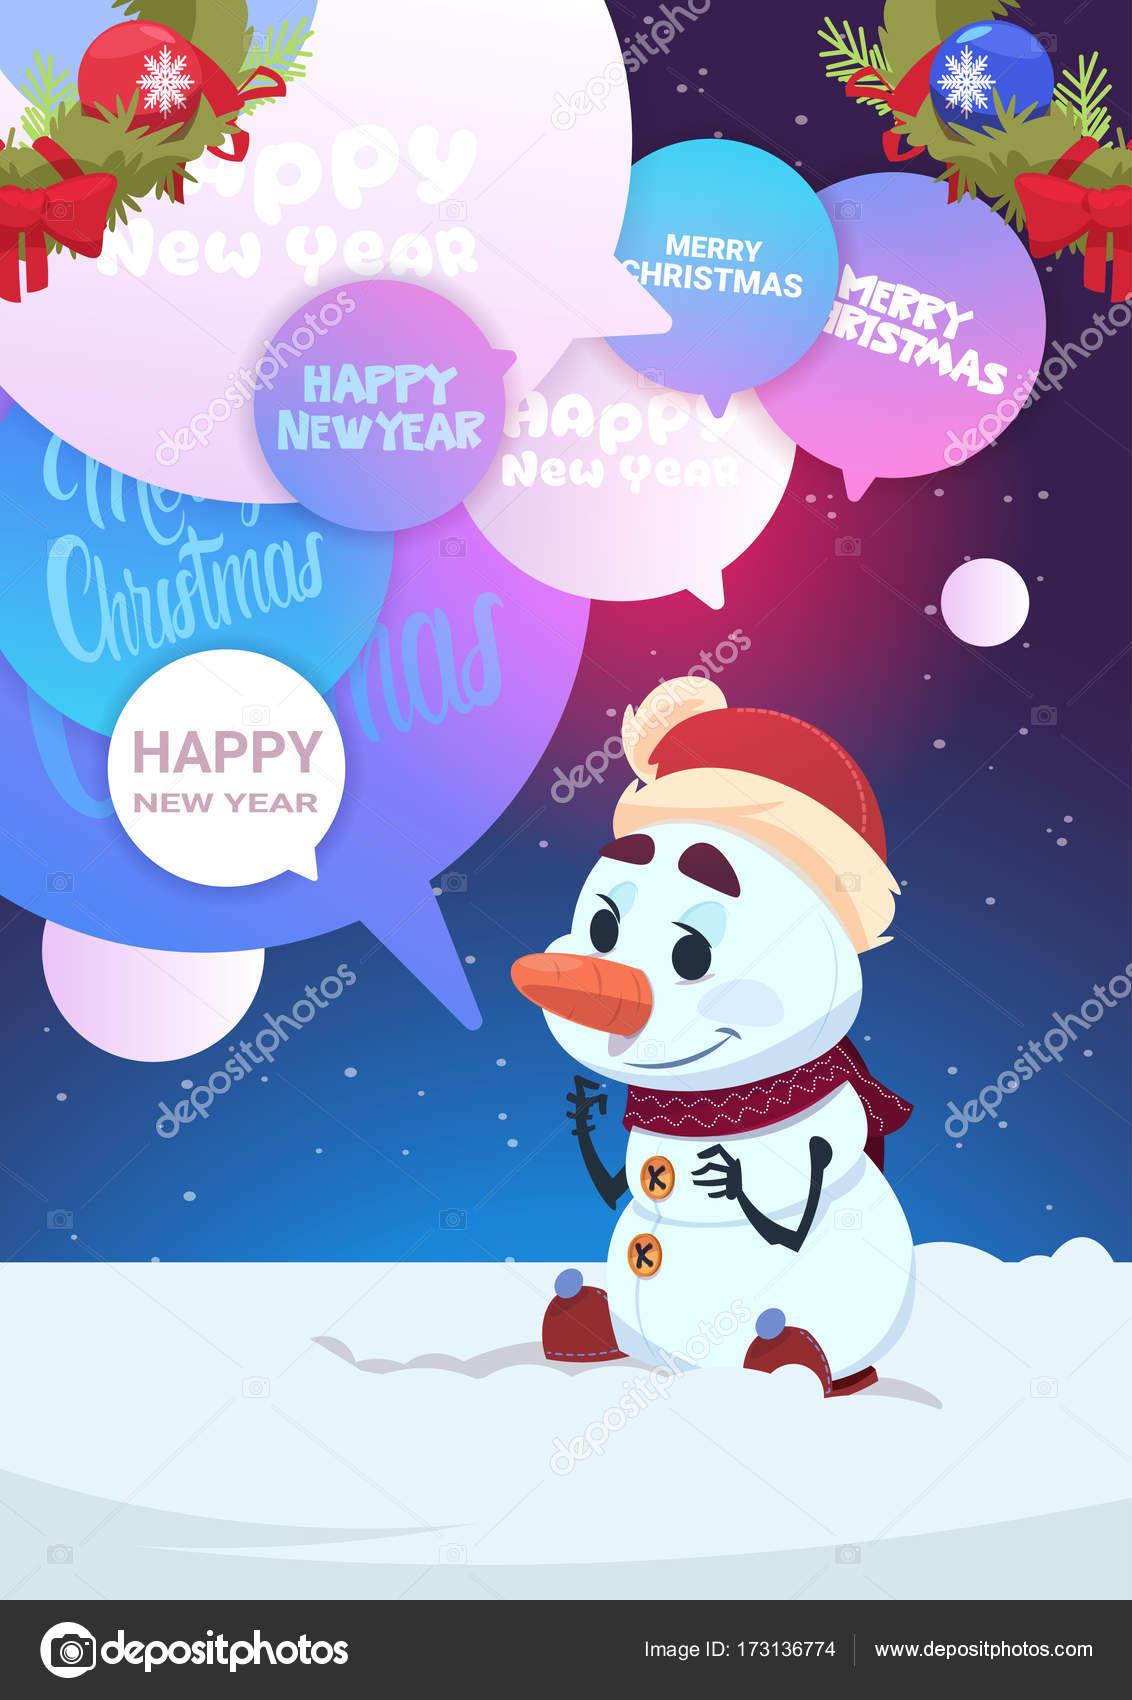 Messaggio Di Buon Natale Simpatico.Simpatico Pupazzo Di Neve Saluto Con Buon Natale E Felice Anno Nuovo